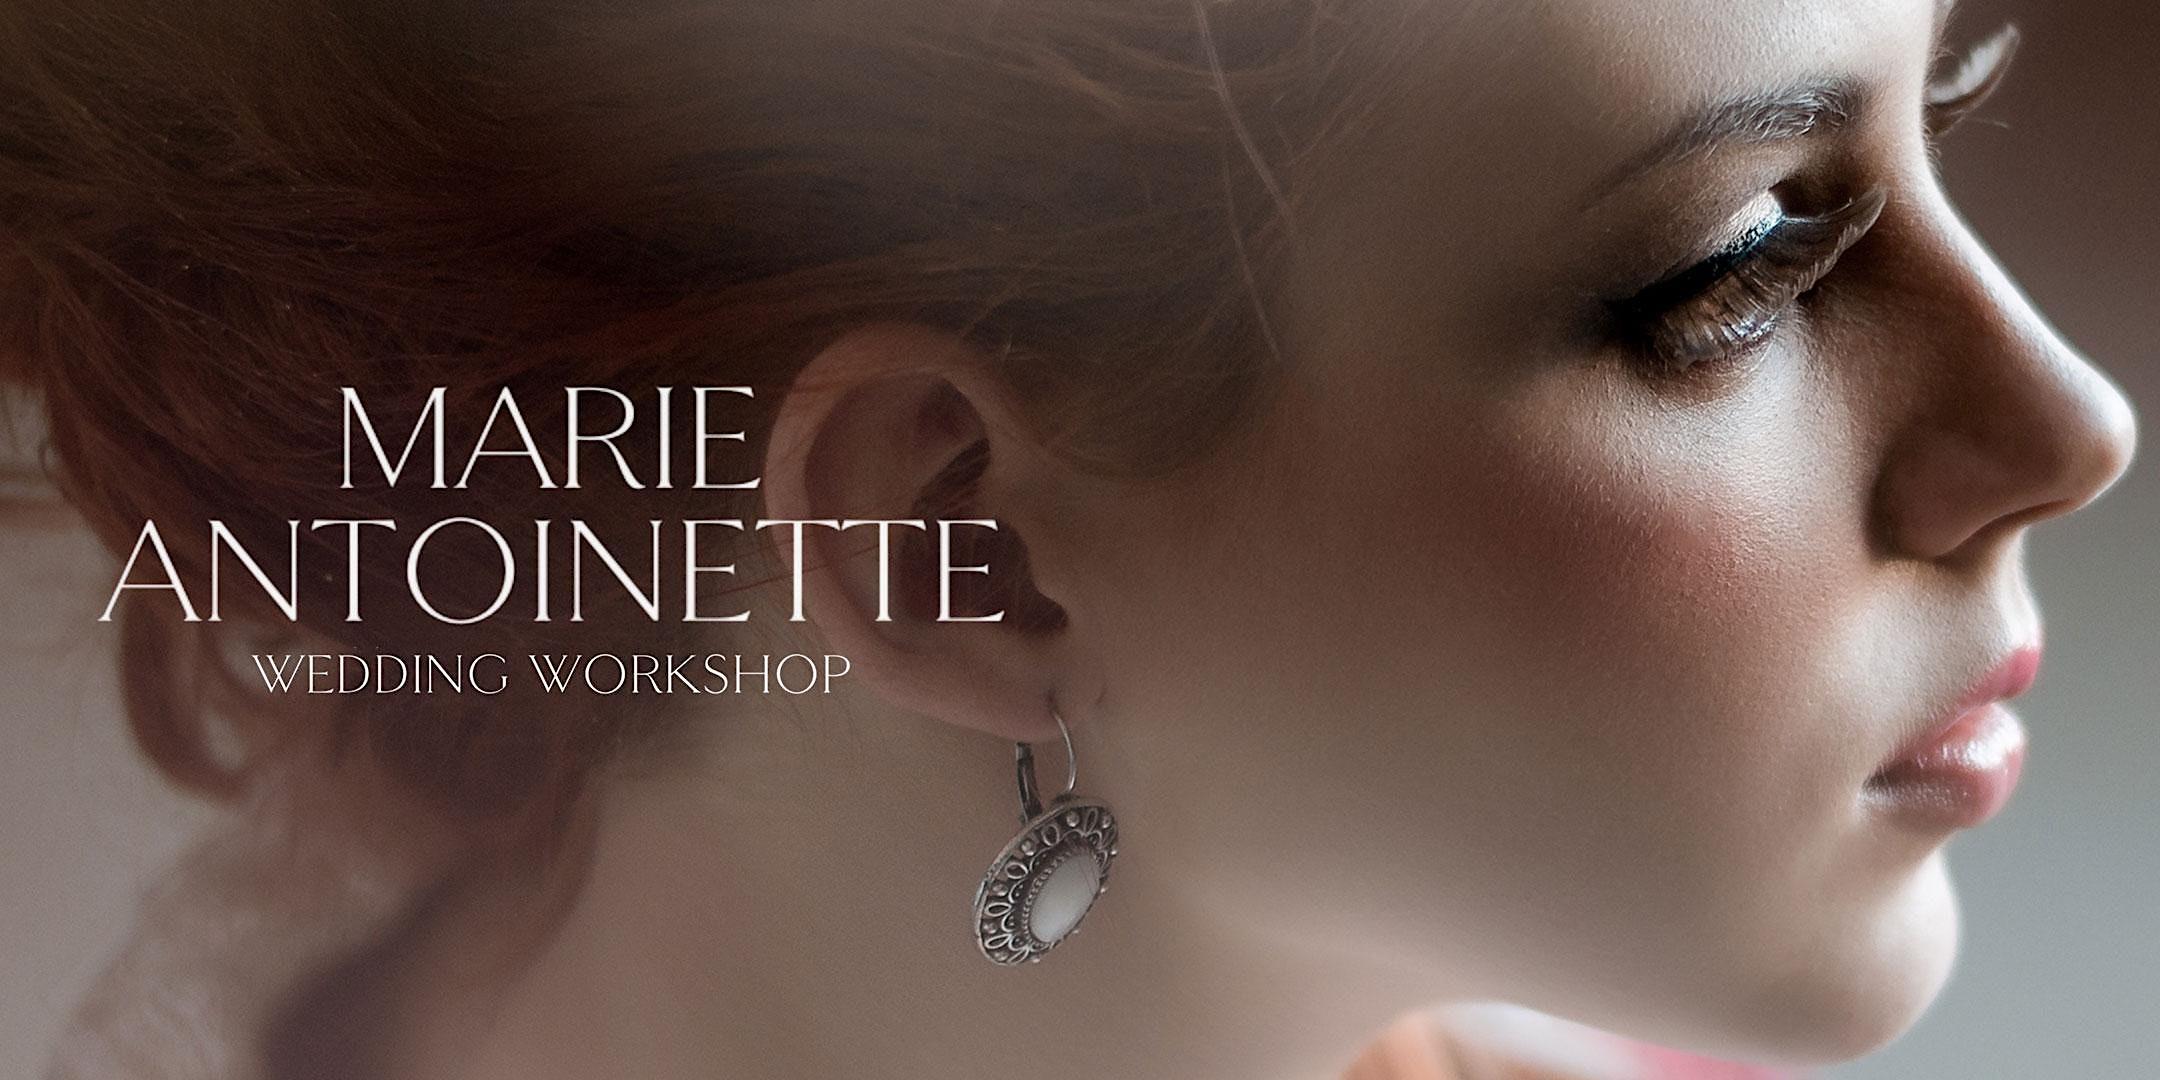 Marie Antoinette Wedding Workshop